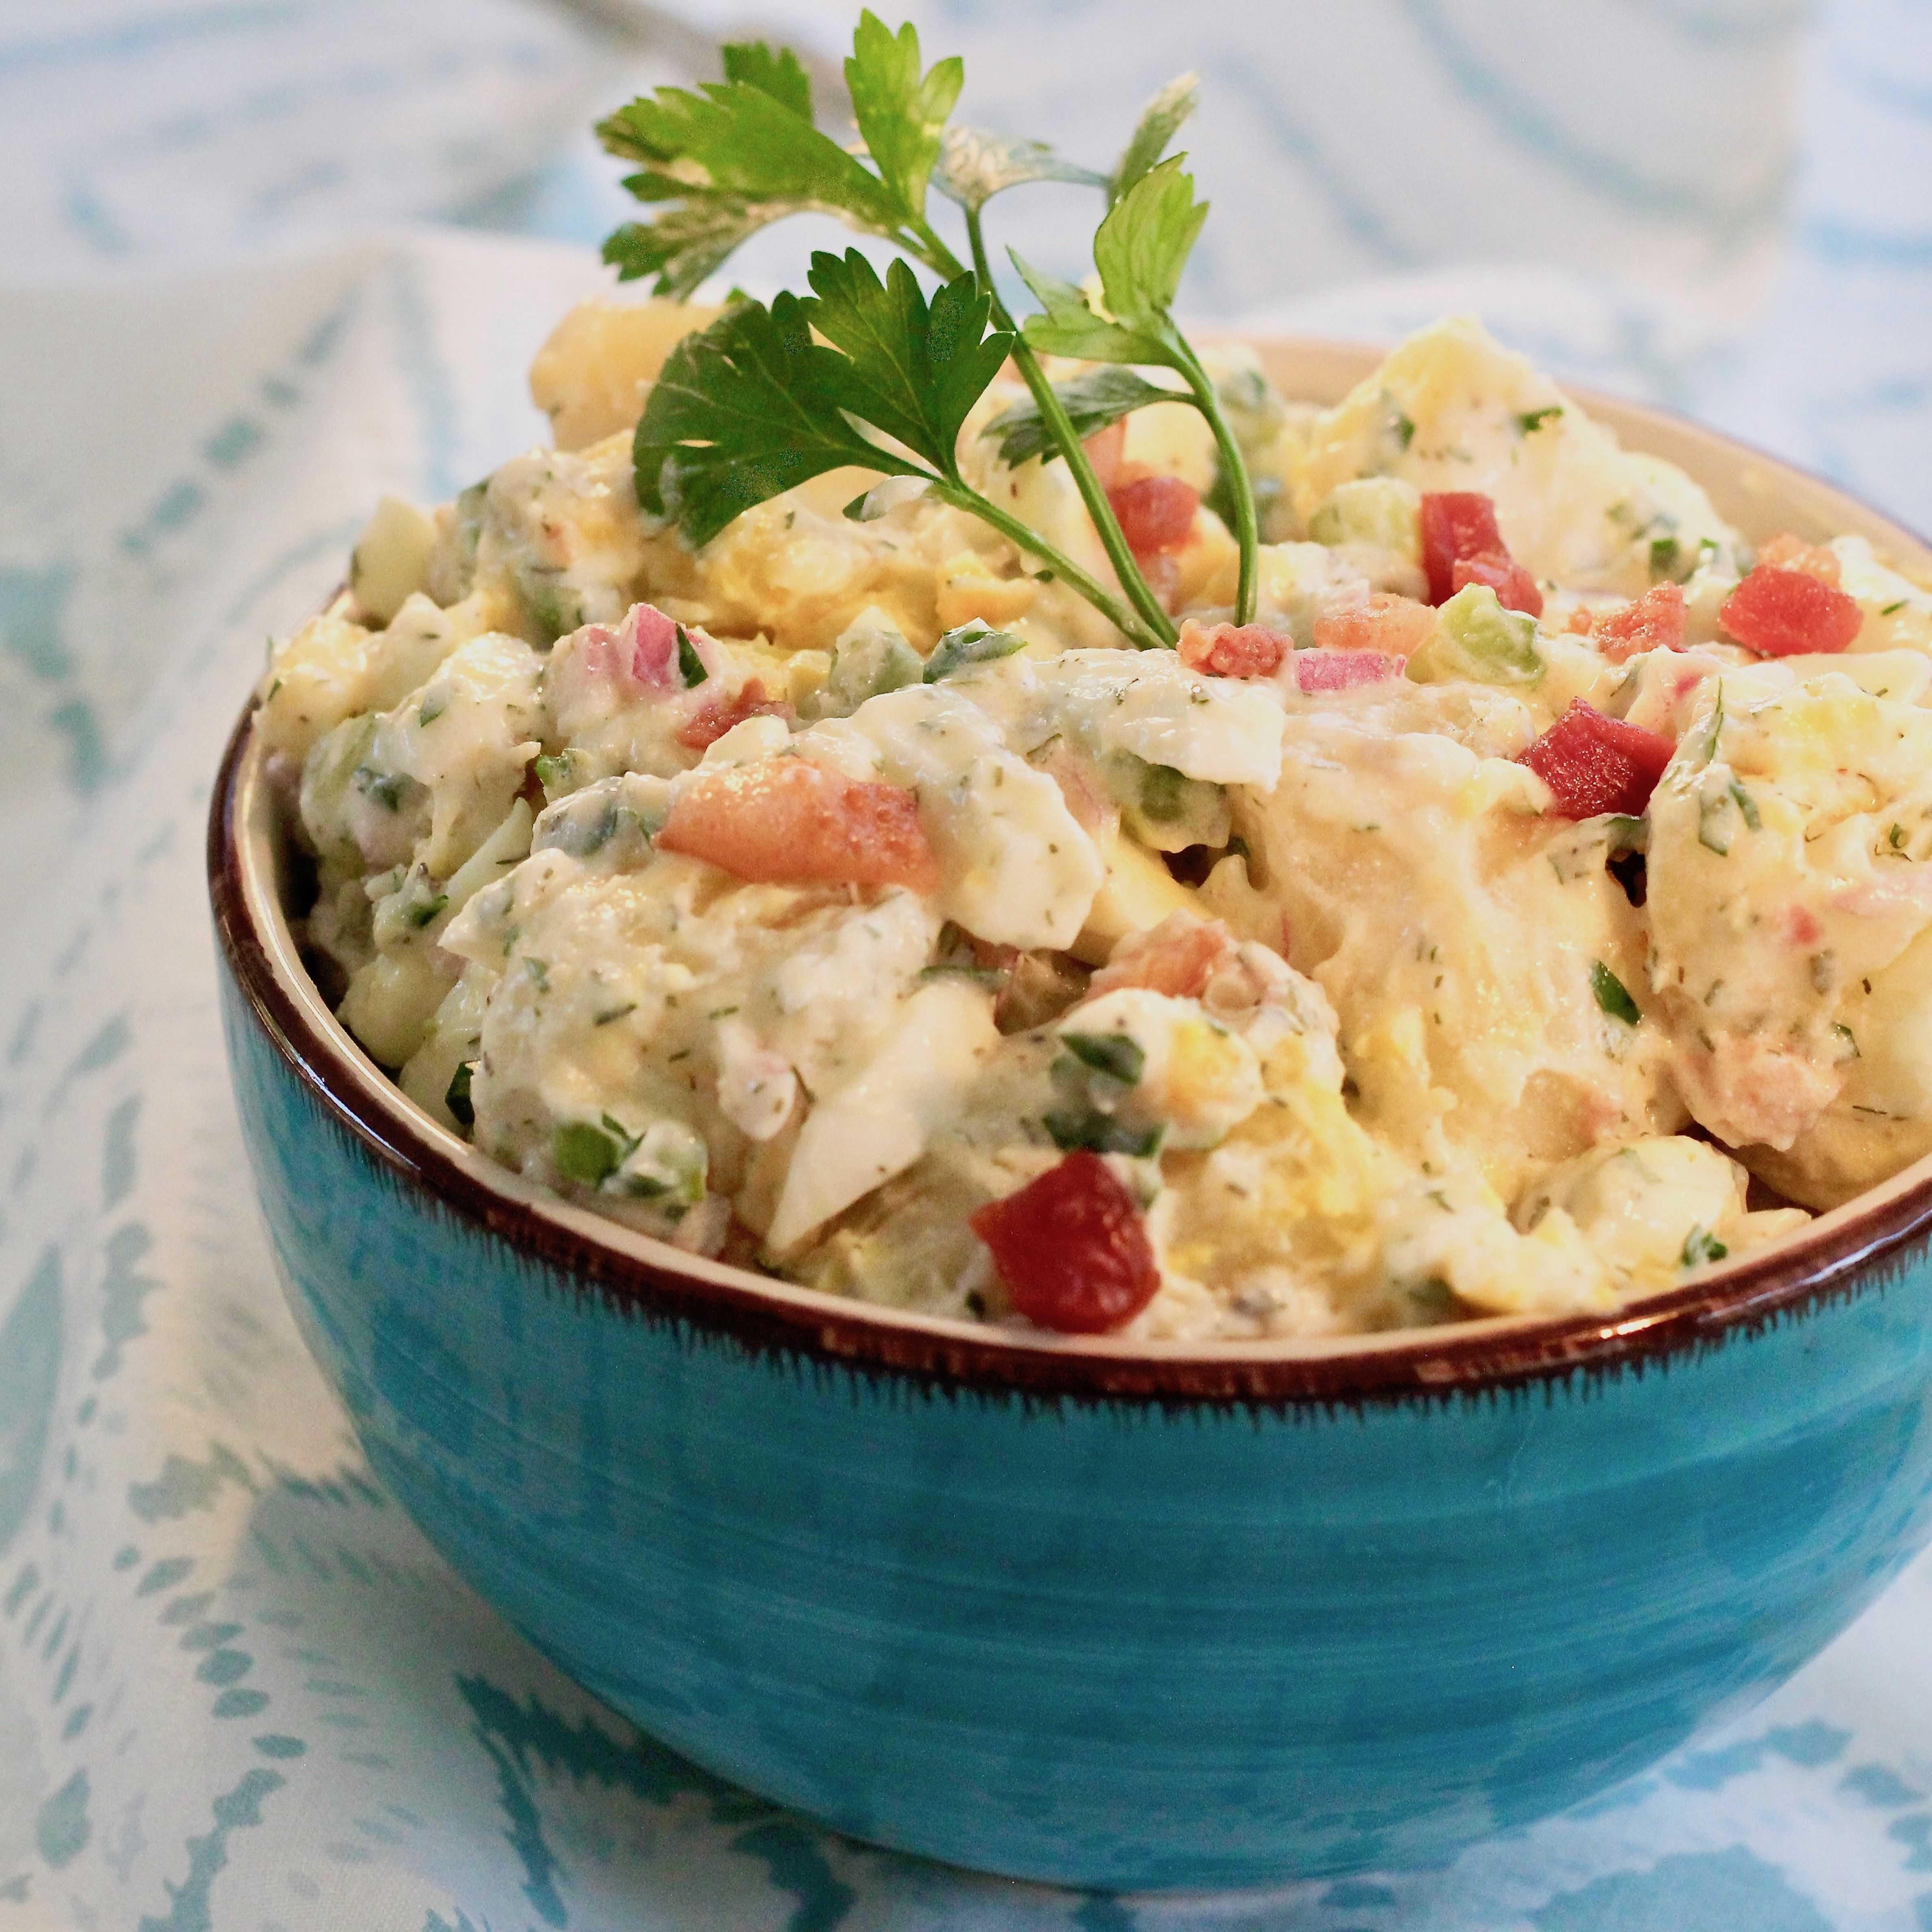 Картофельный салат по американски рецепт с фото - 1000.menu